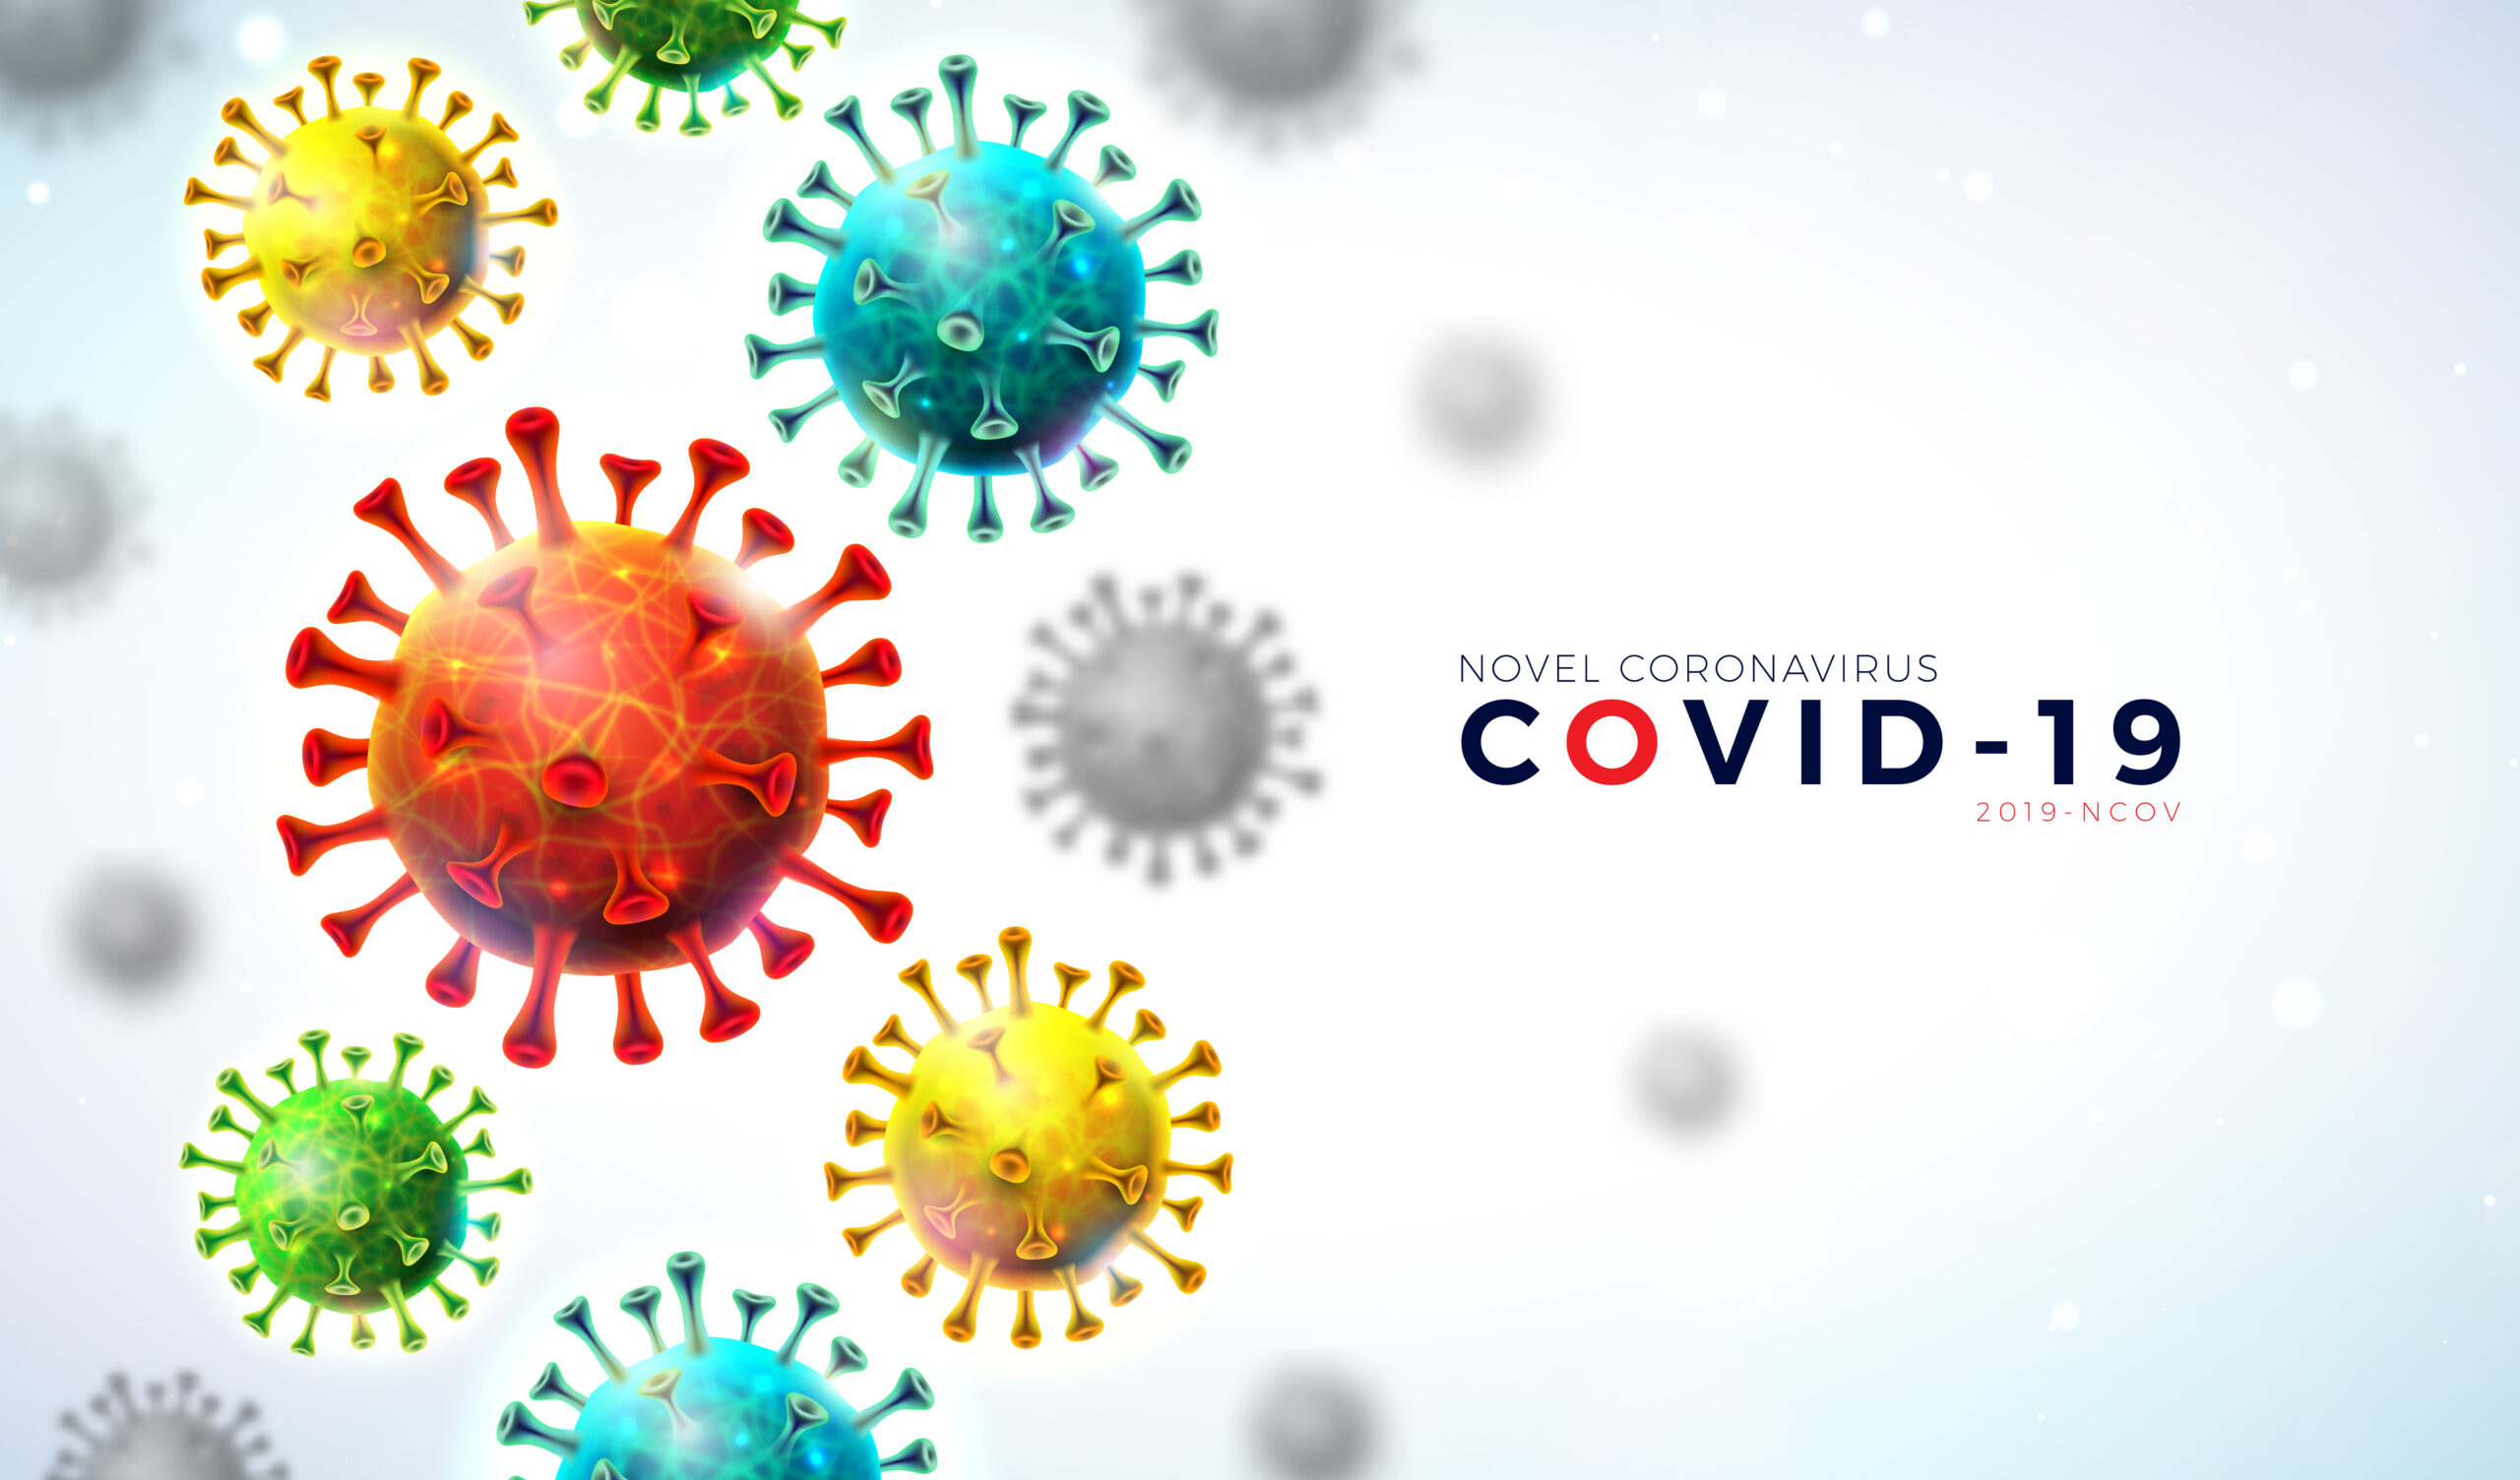 نتیجه ی آزمایش ضد ویروس | آنجکس